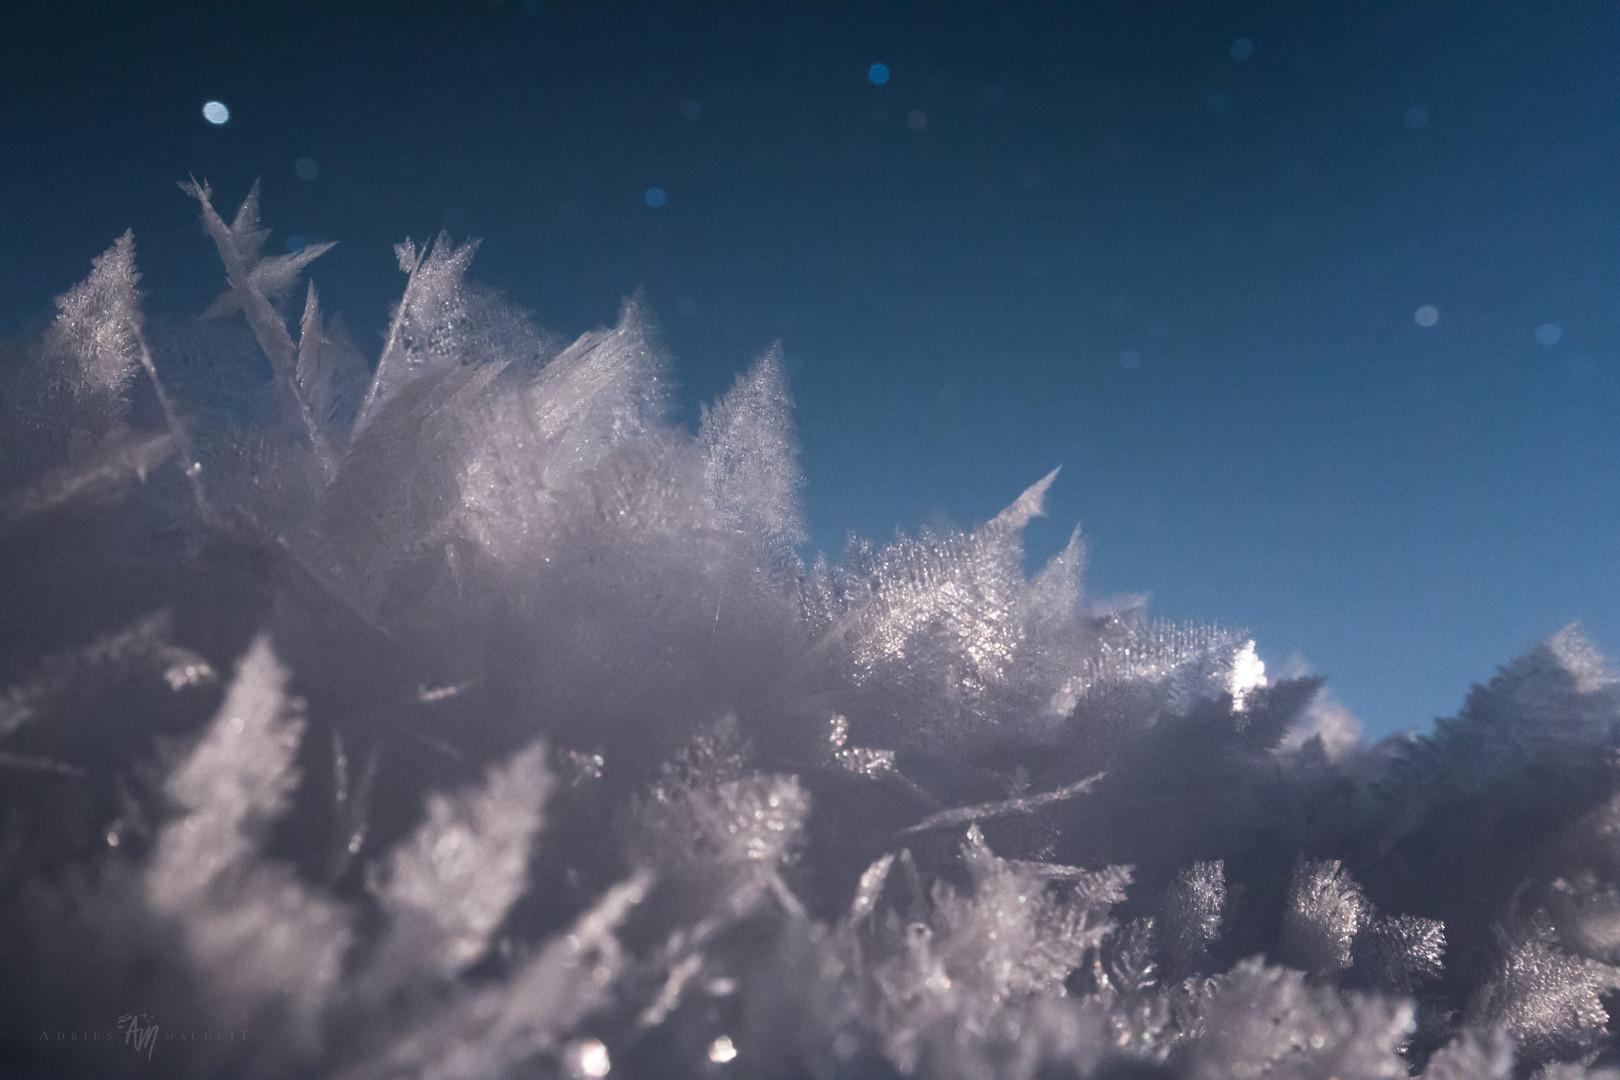 Hoar frost under the night sky